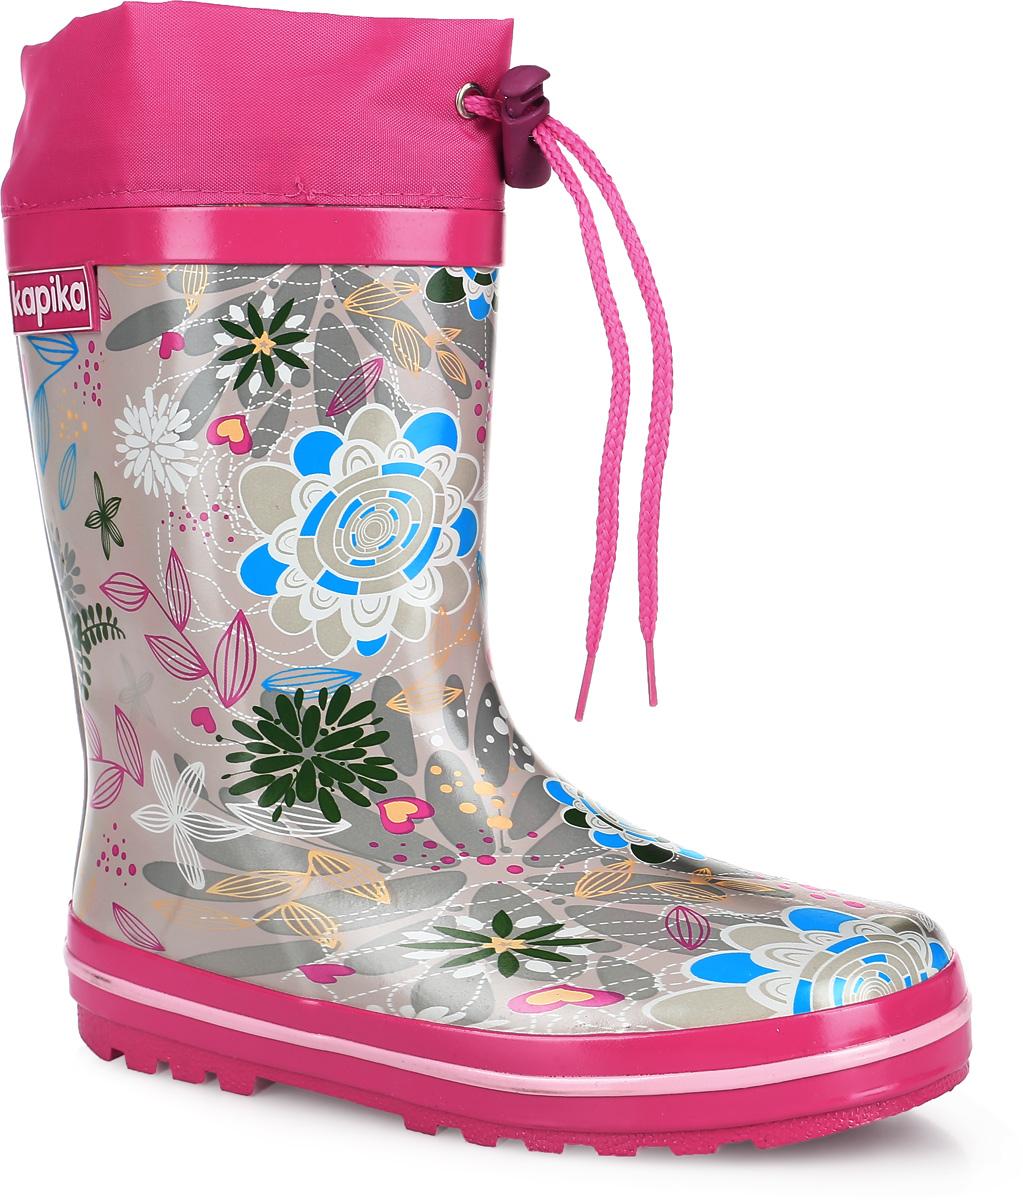 Сапоги резиновые для девочки. 622т622Утепленные резиновые сапоги от Kapika - идеальная обувь в дождливую погоду. Сапоги выполнены из резины и оформлены цветочным принтом. Подкладка и съемная стелька из мягкого текстиля не дадут ногам замерзнуть. Текстильный верх голенища регулируется в объеме за счет шнурка со стоппером. Рельефная поверхность подошвы гарантирует отличное сцепление с любой поверхностью. Резиновые сапоги защитят ноги вашего ребенка от промокания в дождливый день.